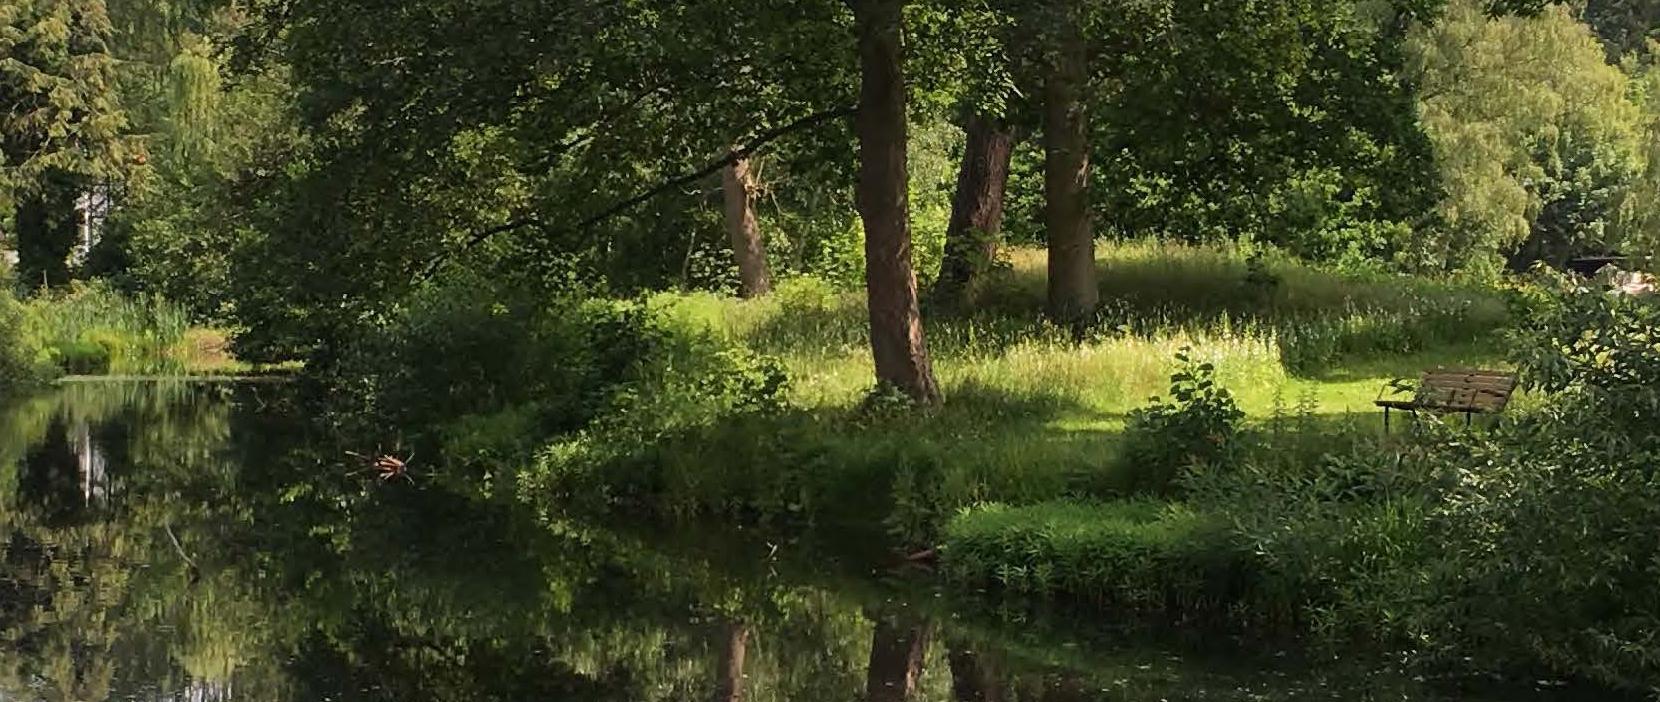 Bæredygtig drift af kommunens parker